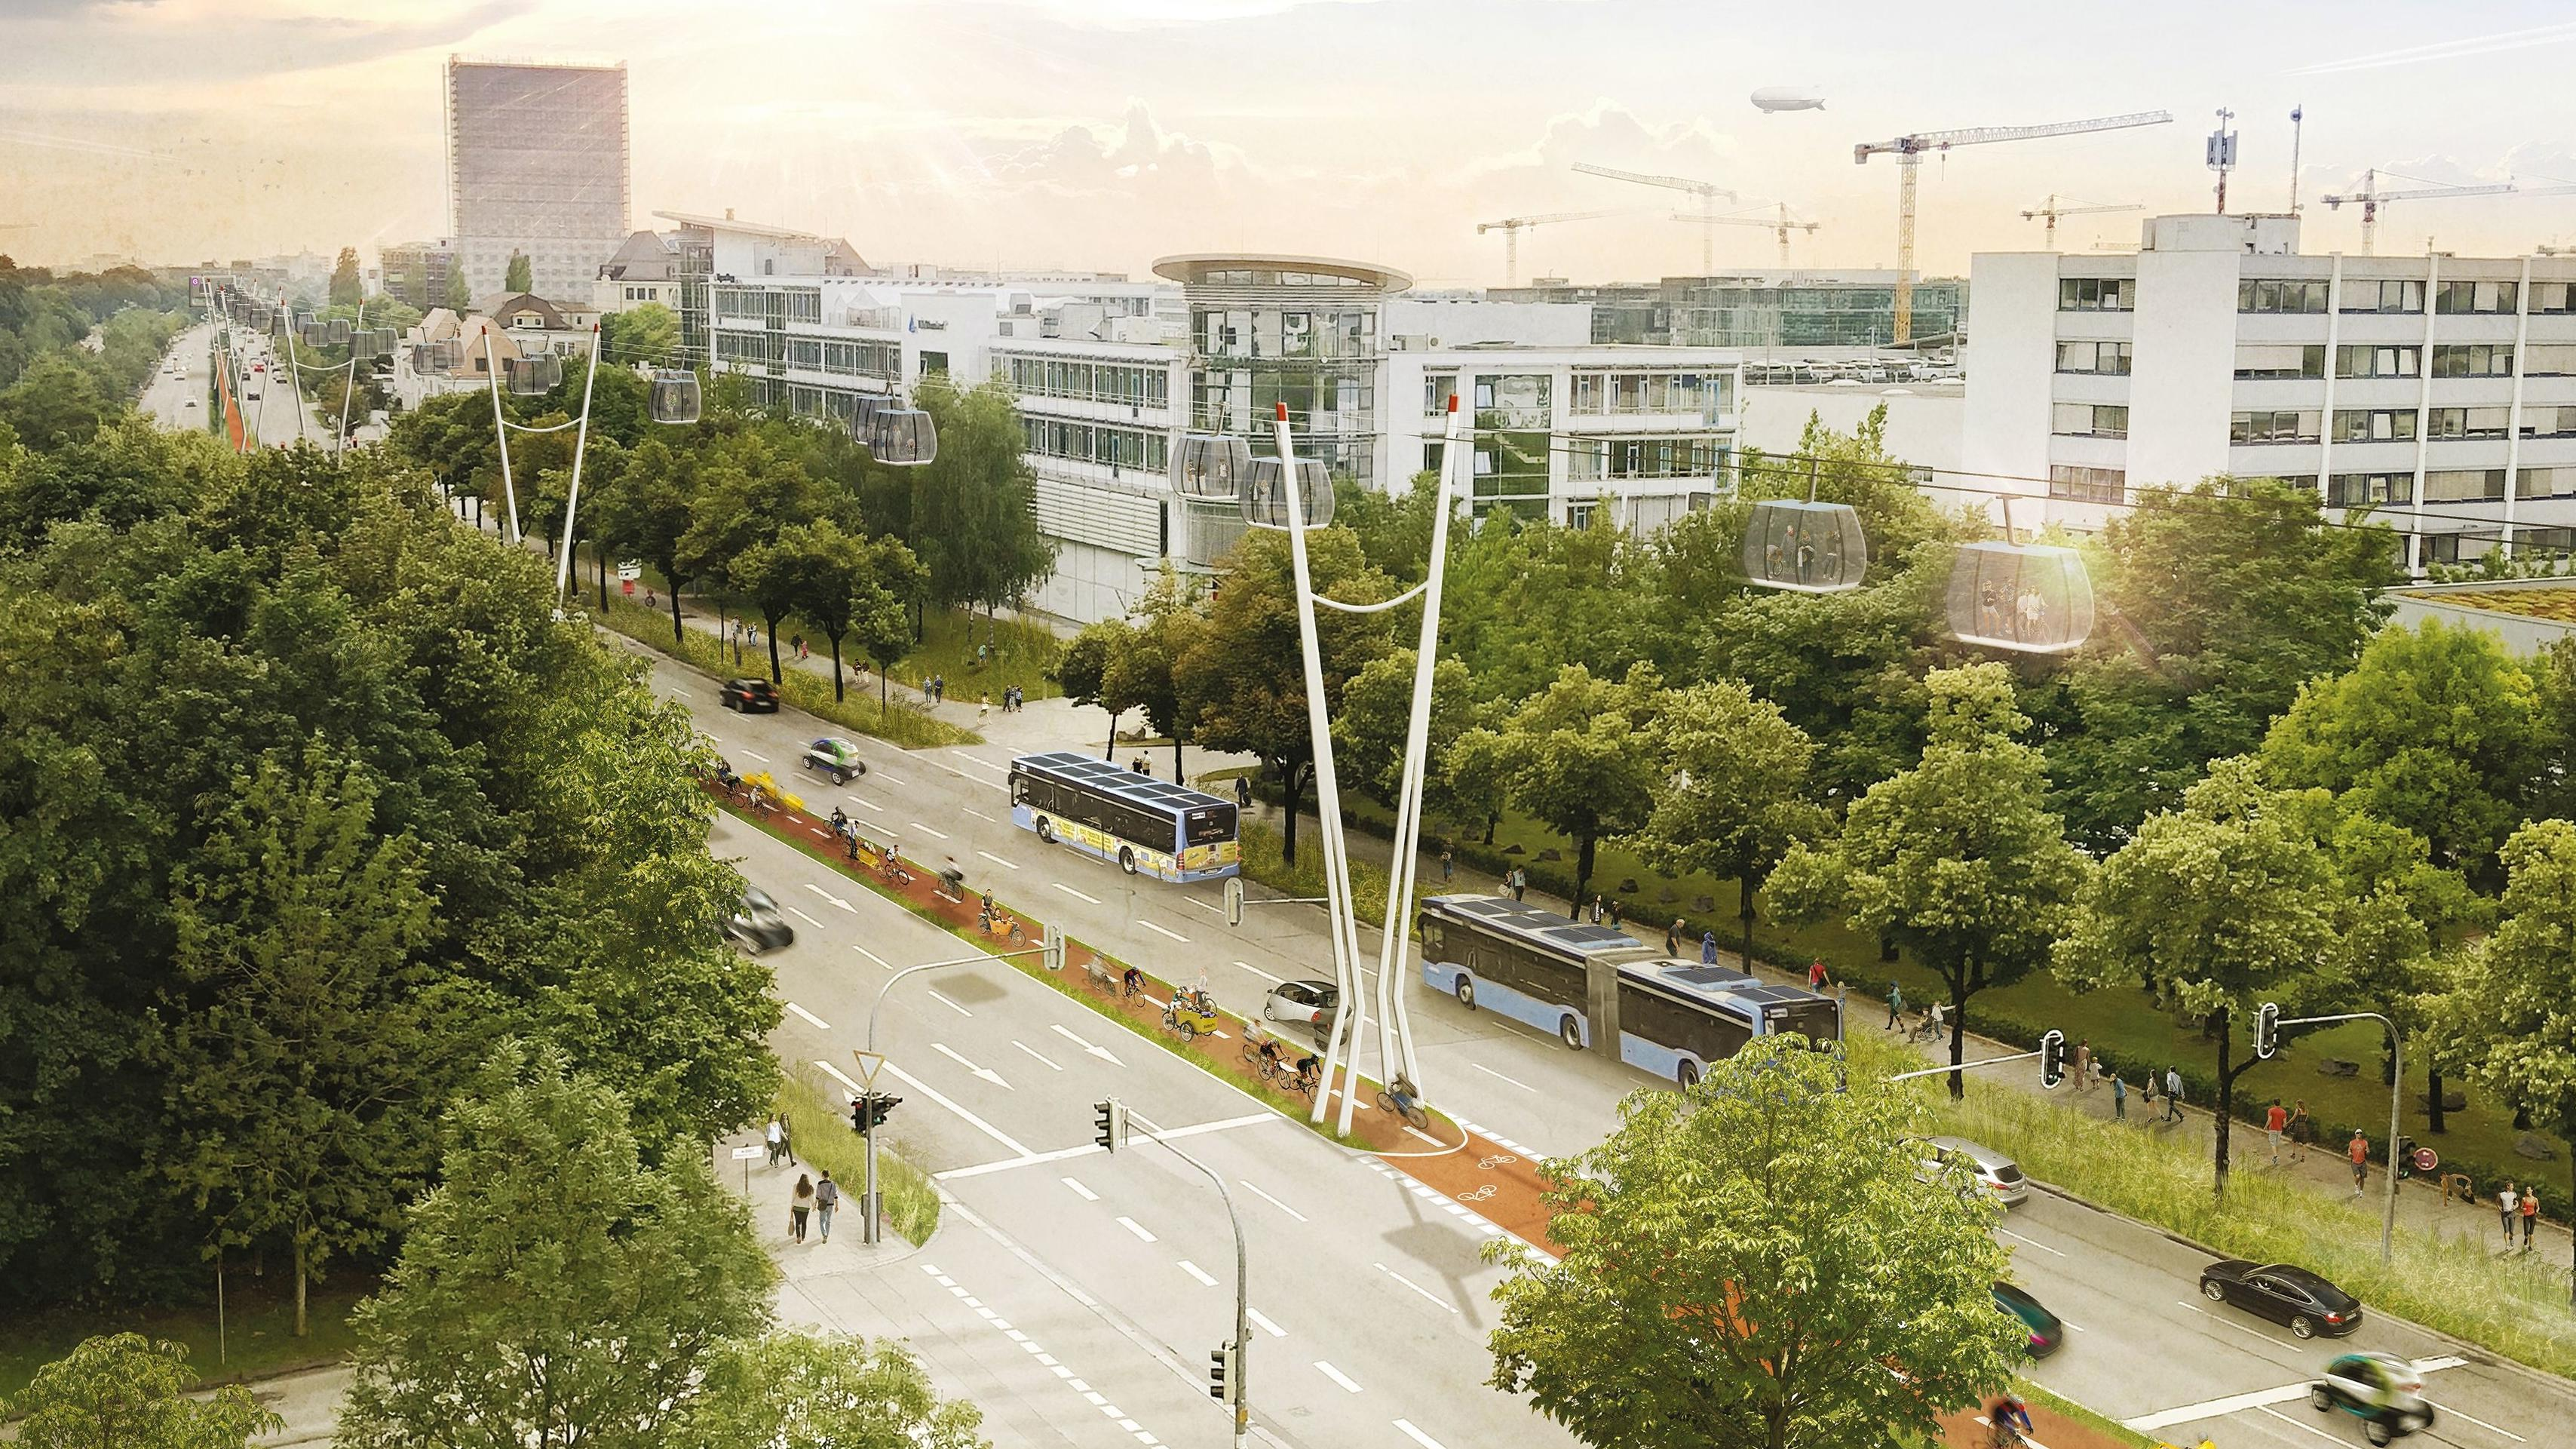 Ideenskizze zur möglichen Seilbahn in München